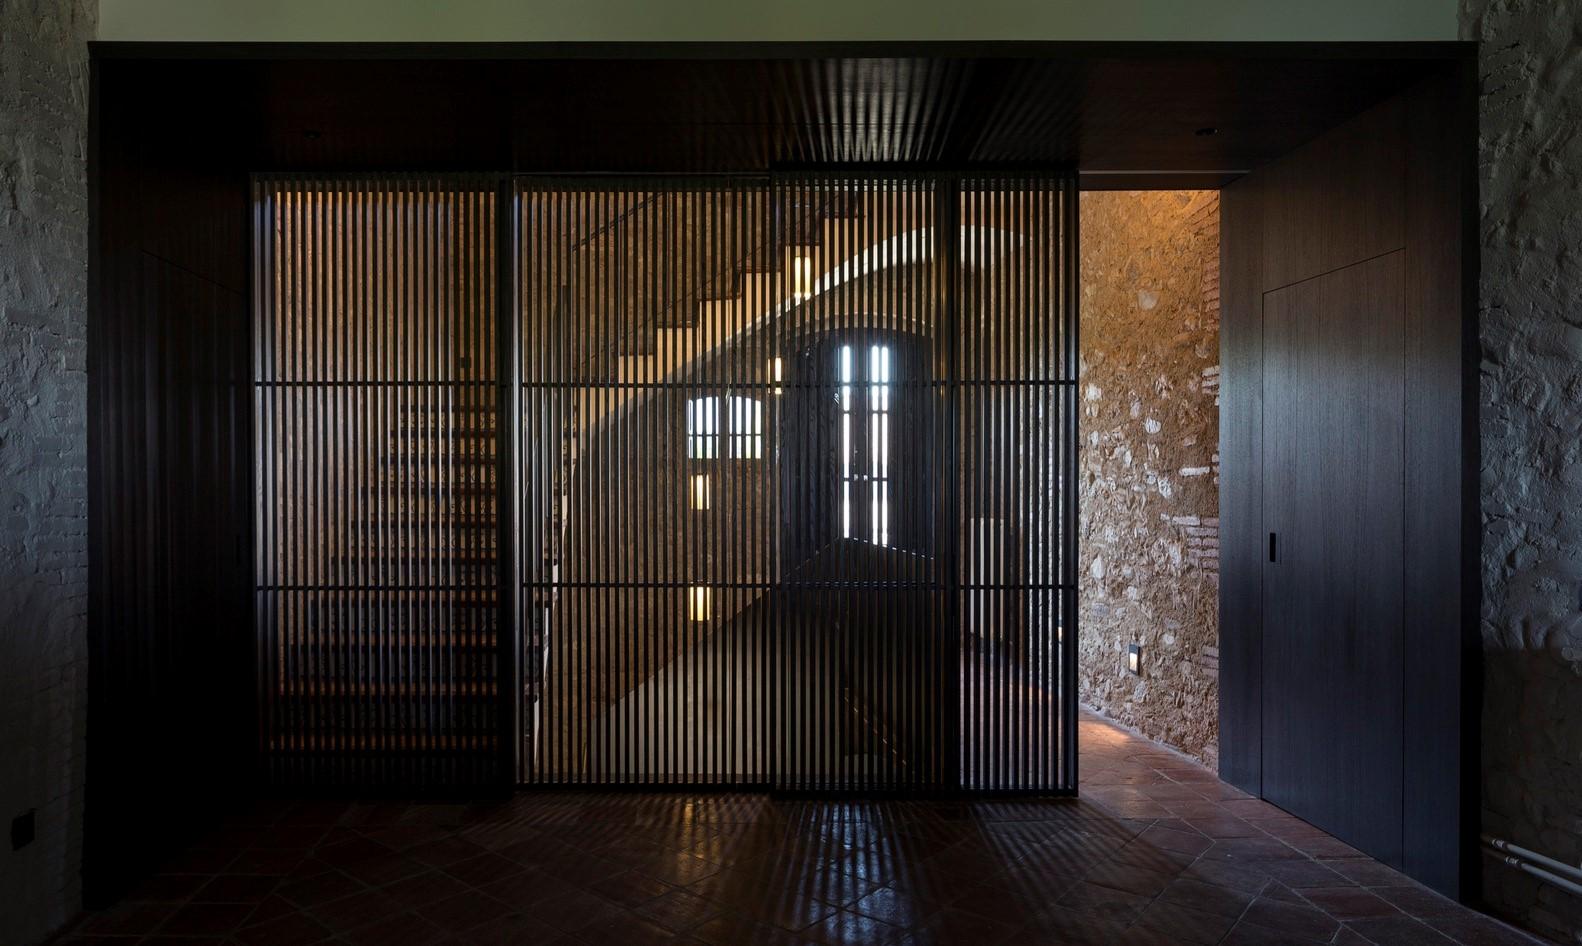 聖馬提住宅,金屬回廊平衡新與舊的關系 / Francesc Rifé Studio插图(12)